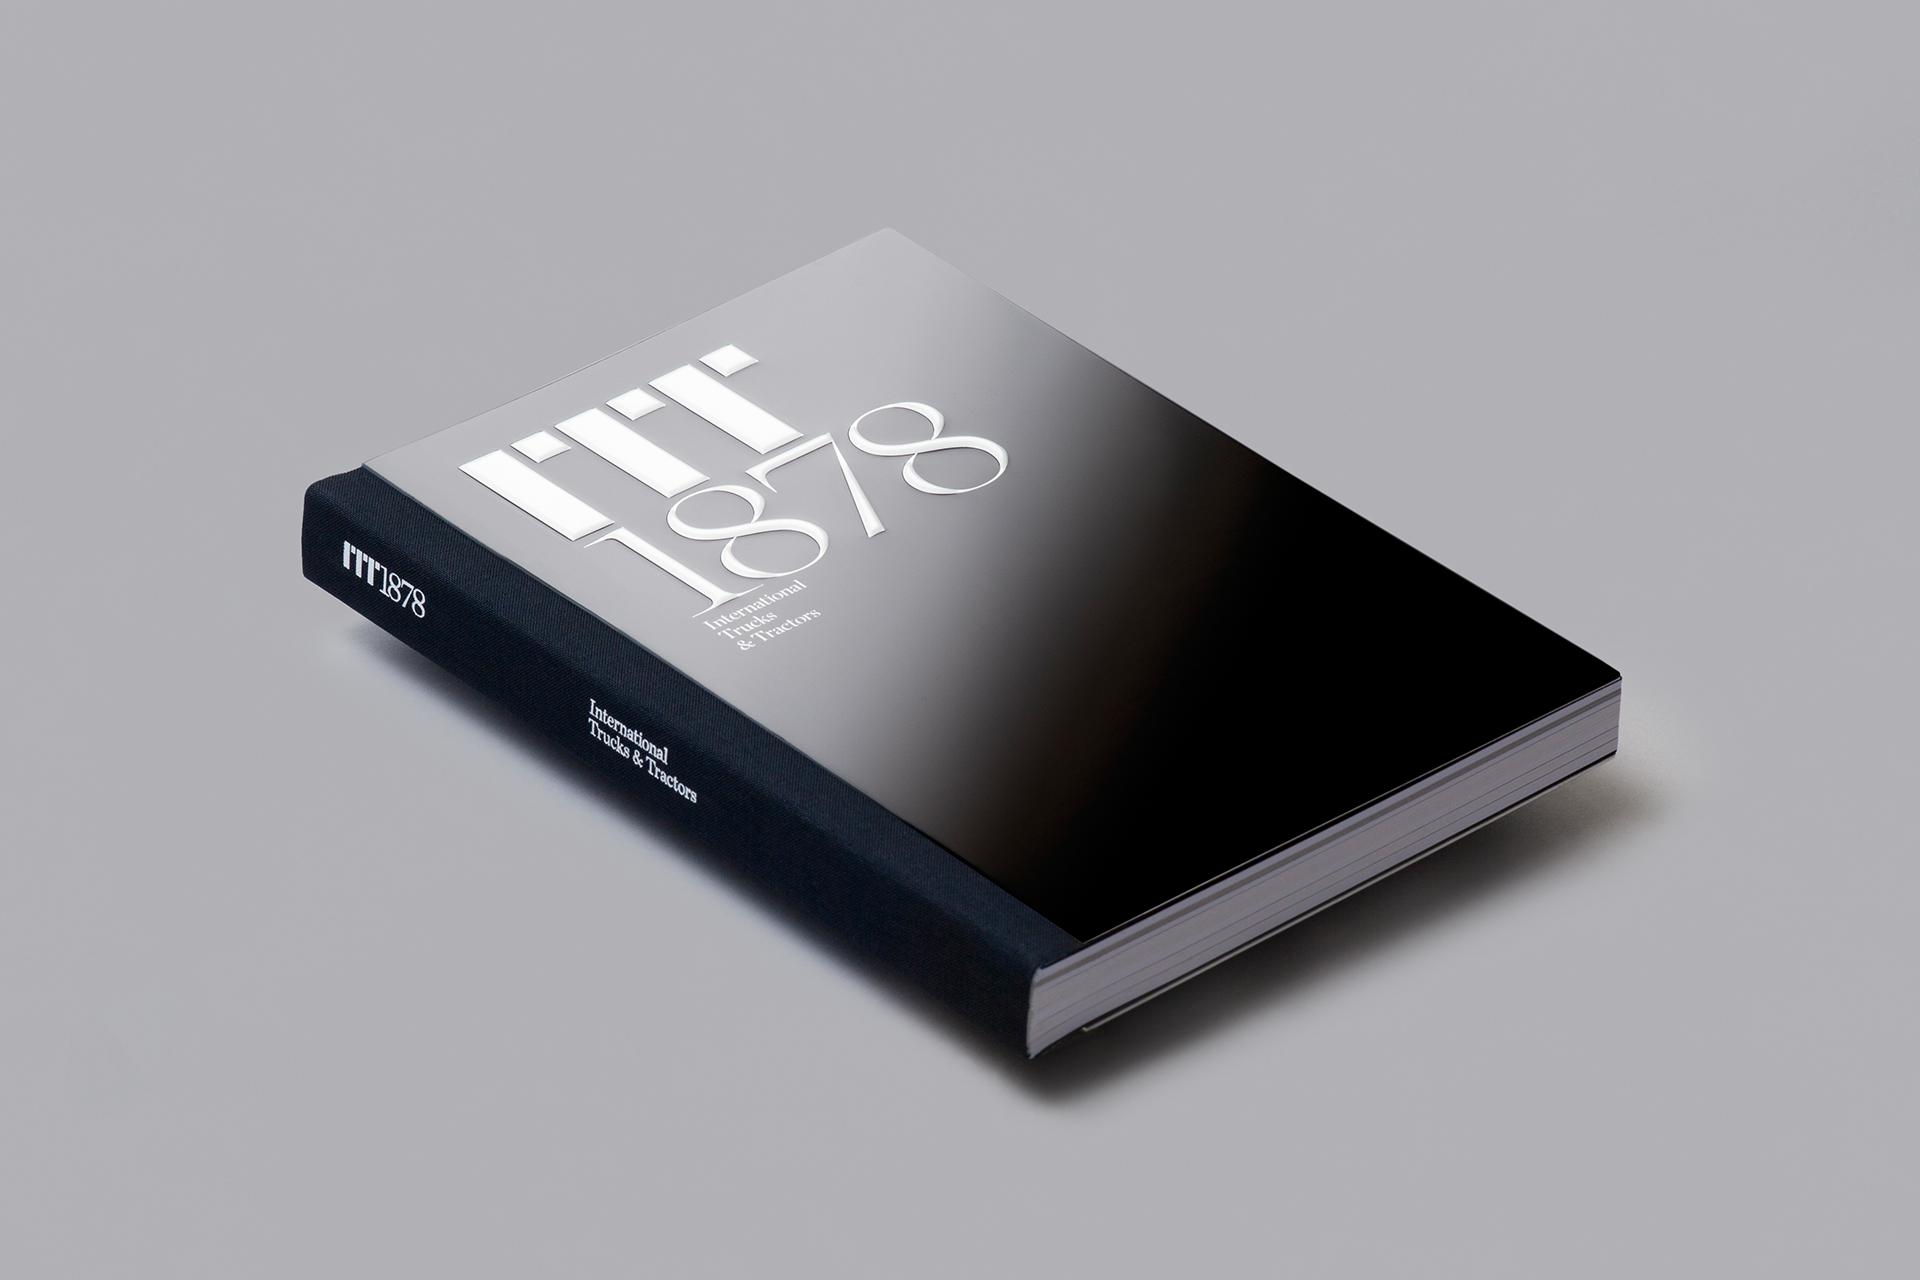 ittbook12